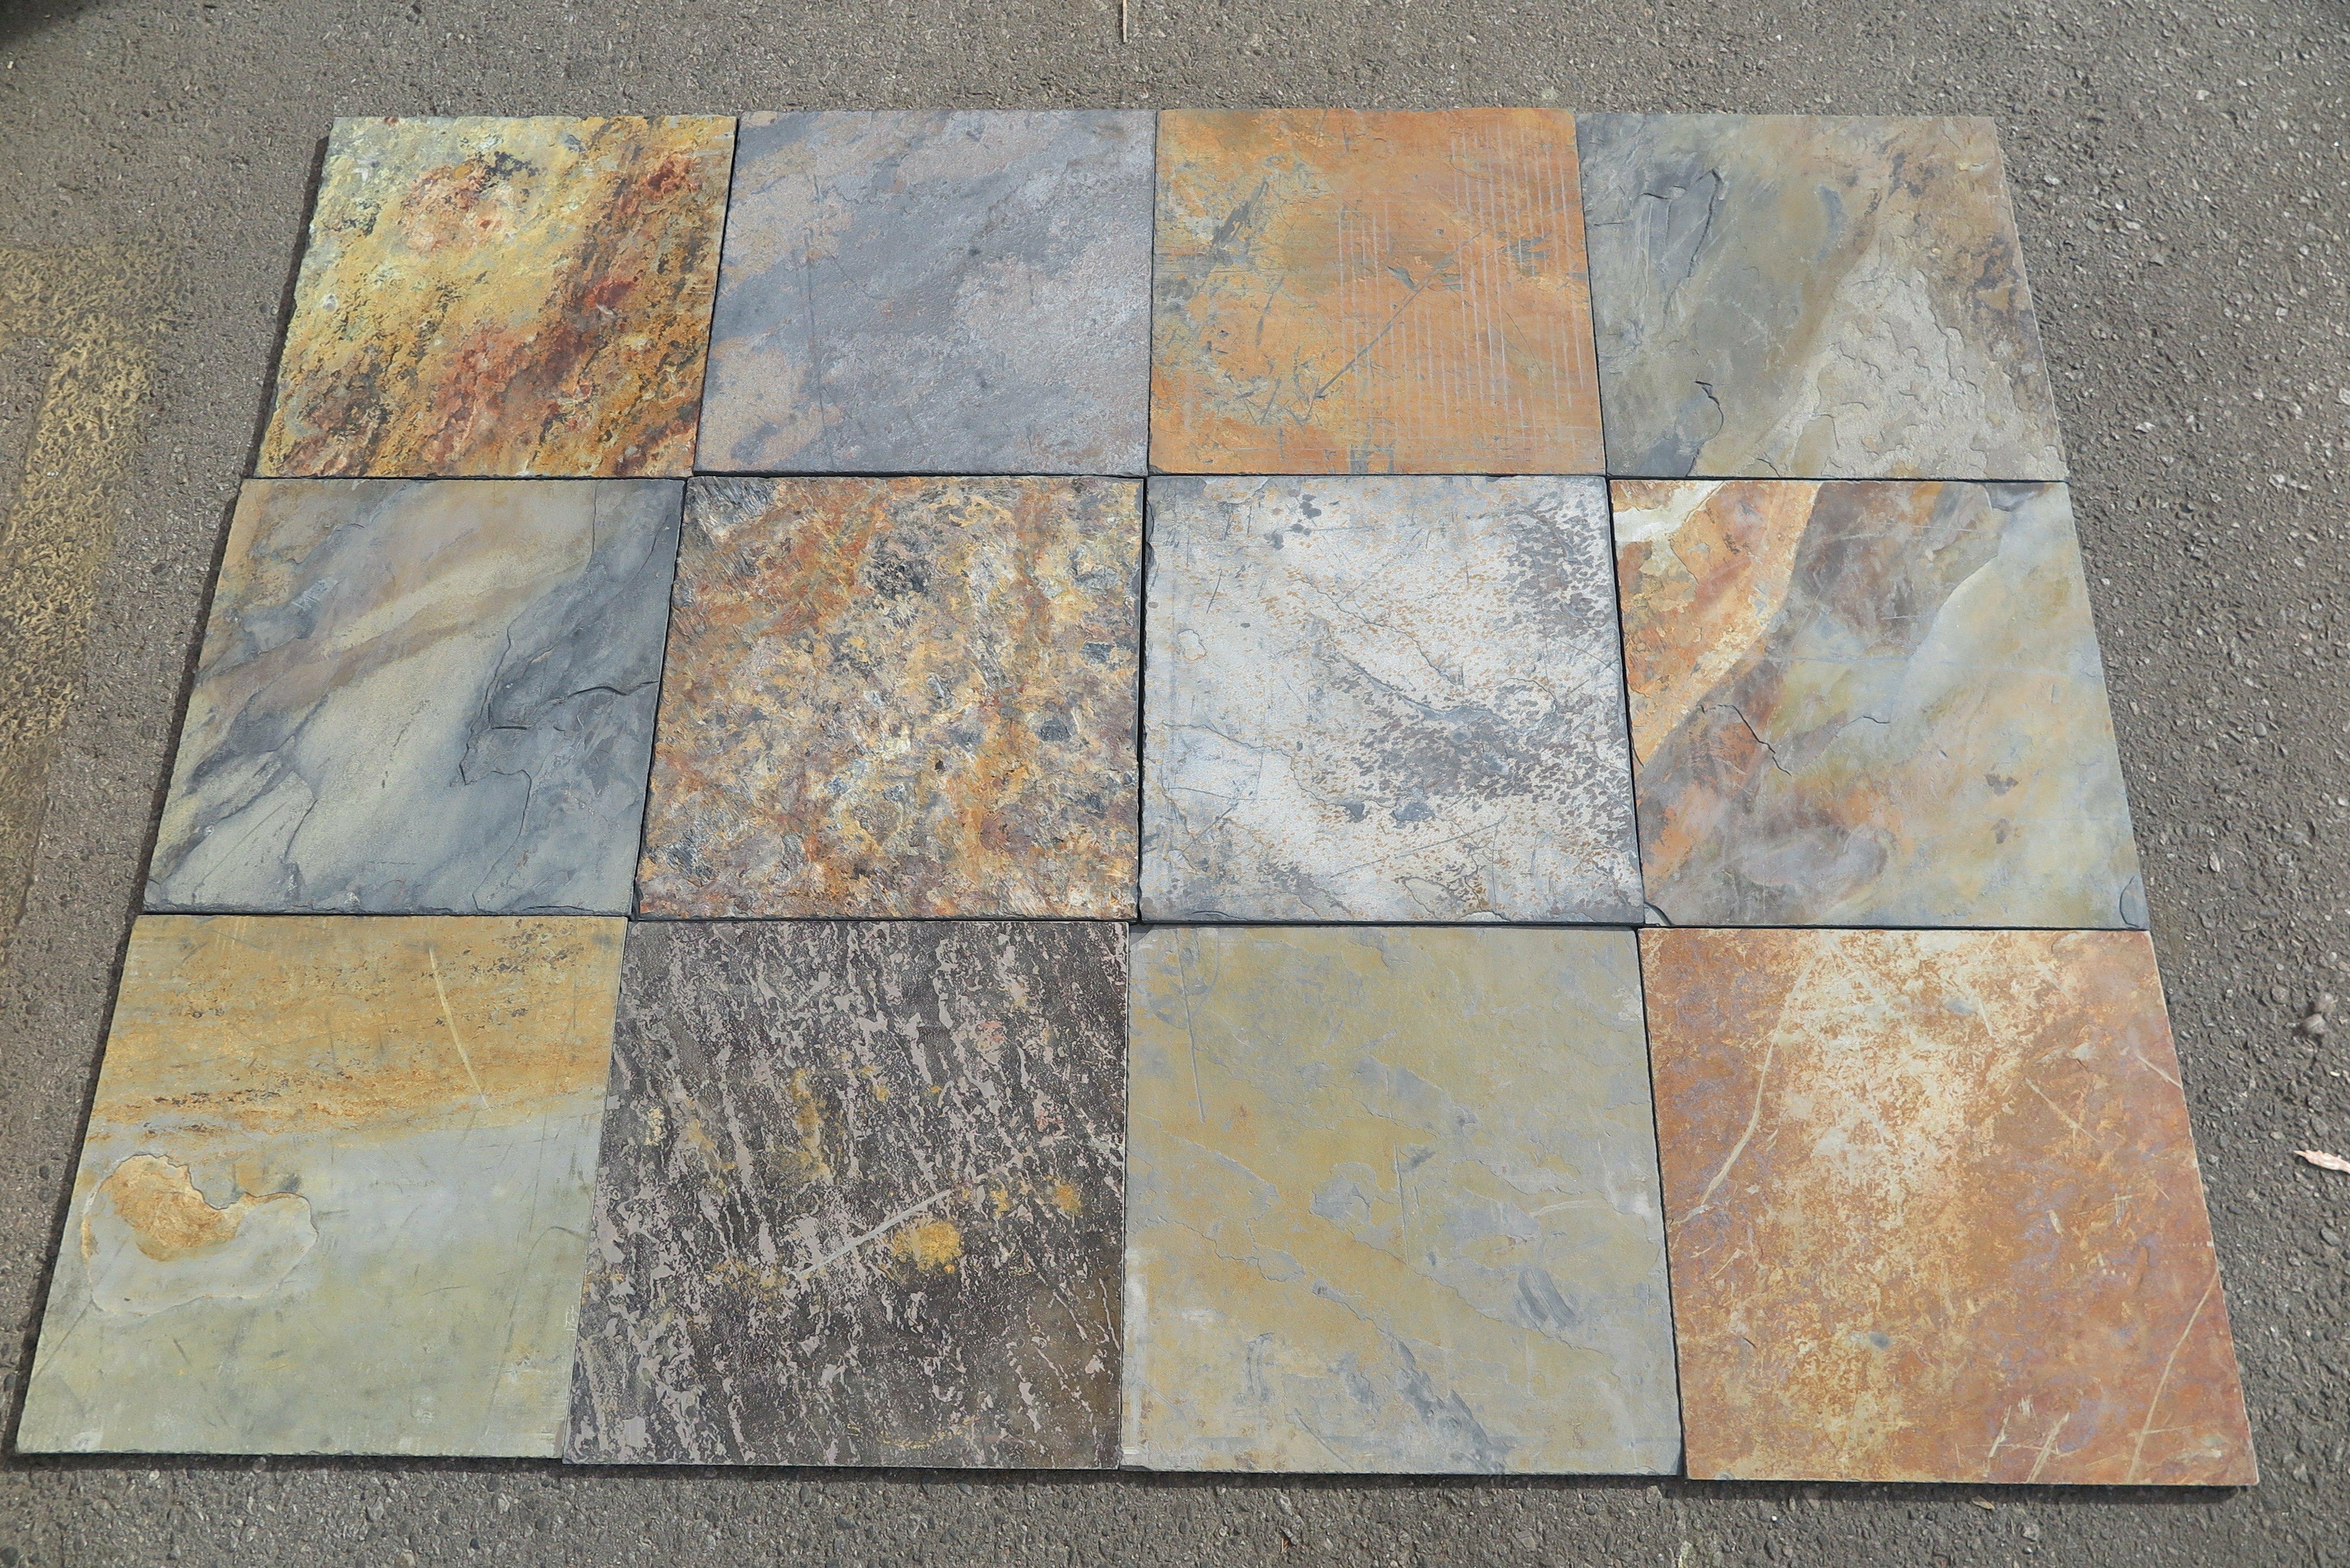 16x16 Slate Field Tile